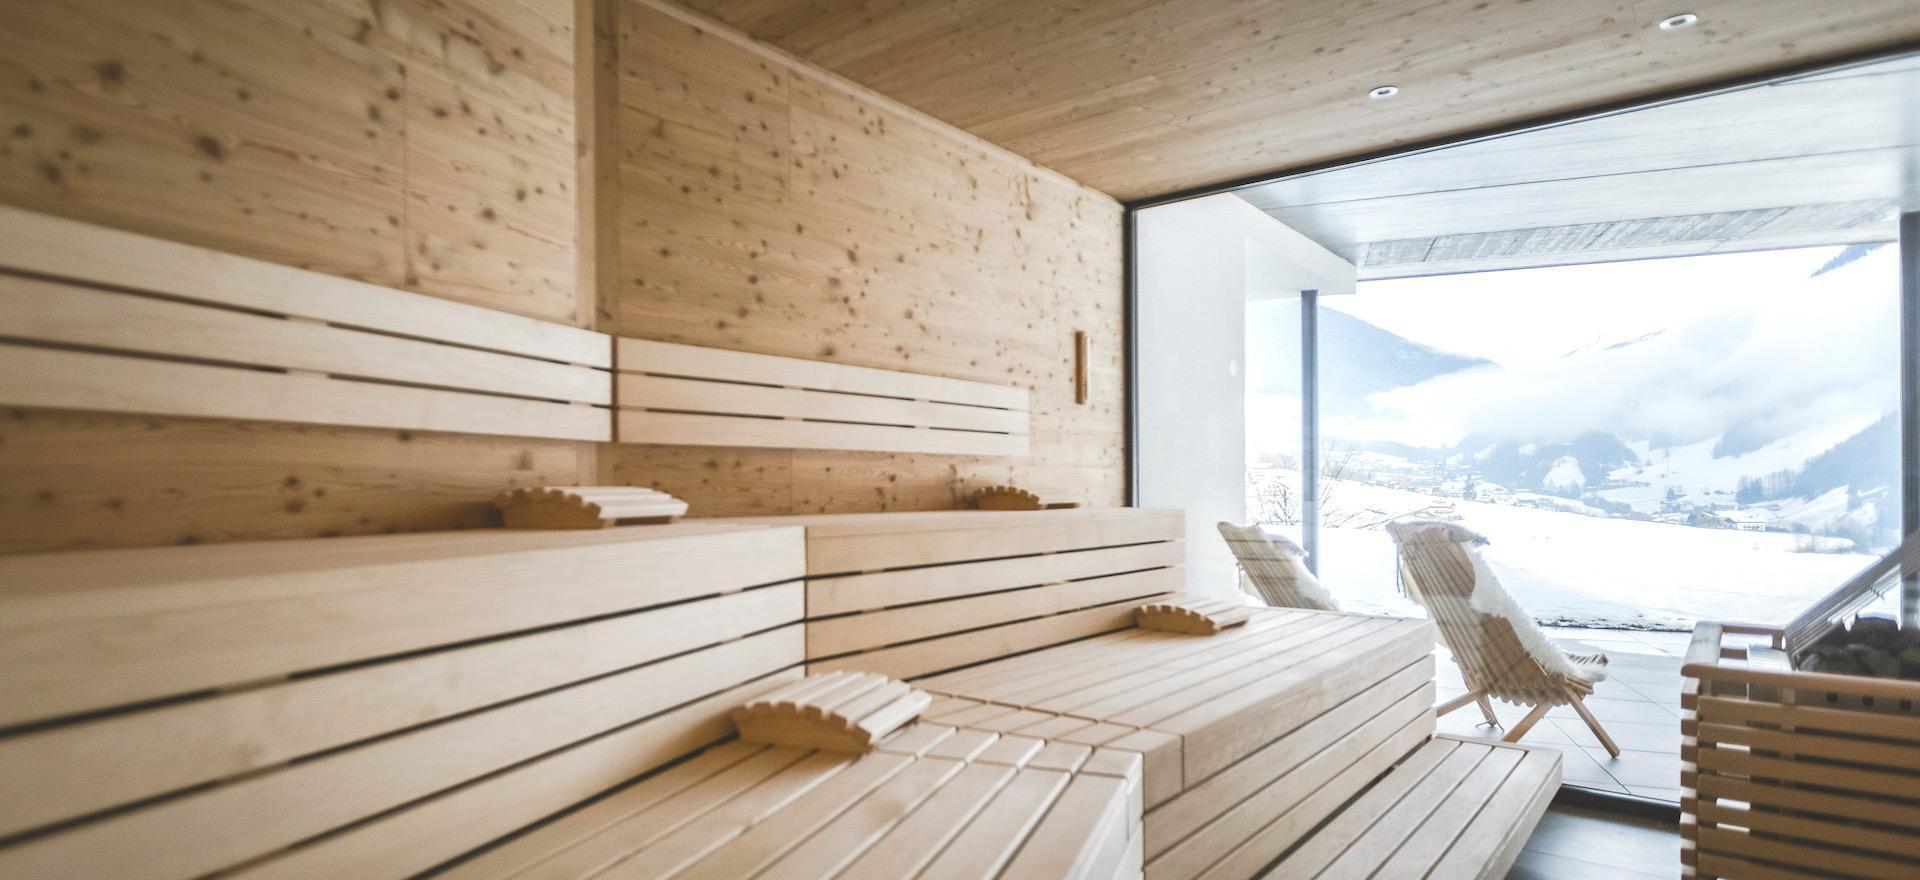 Luxe agriturismo in de Dolomieten met spa en bistrot